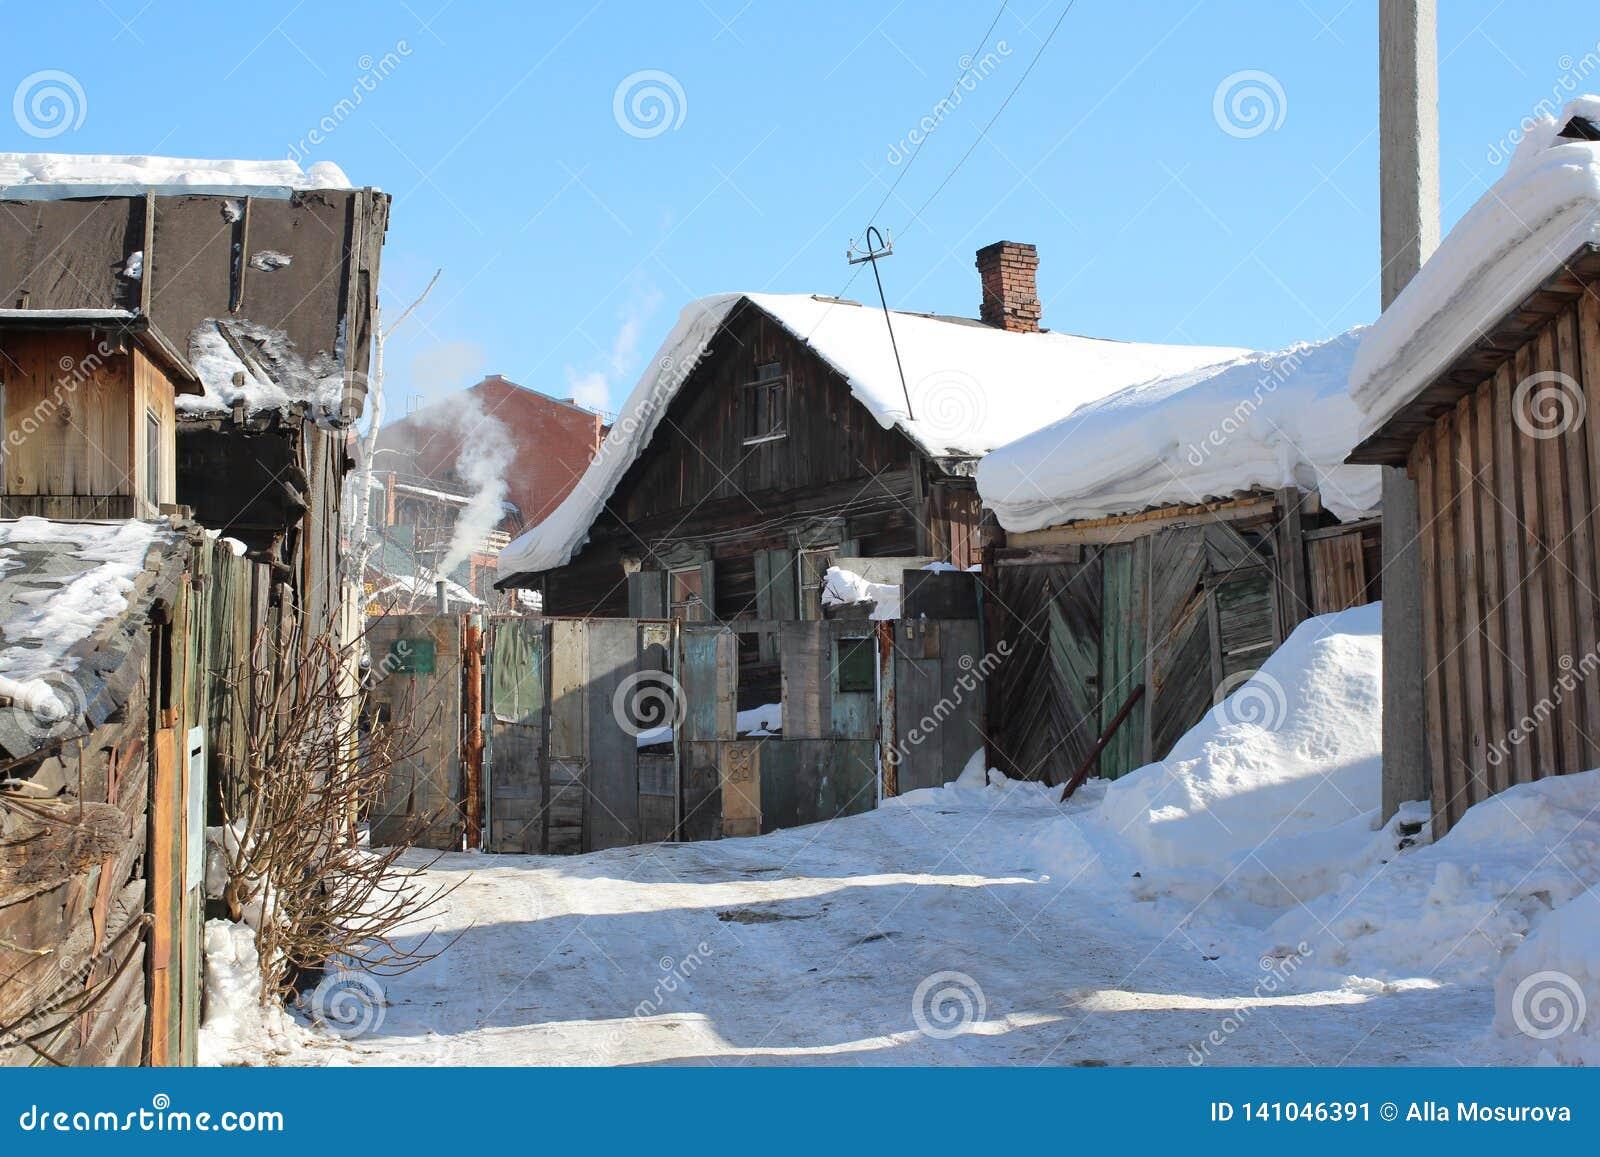 Vieille maison en bois de village avec des annexes pendant l hiver